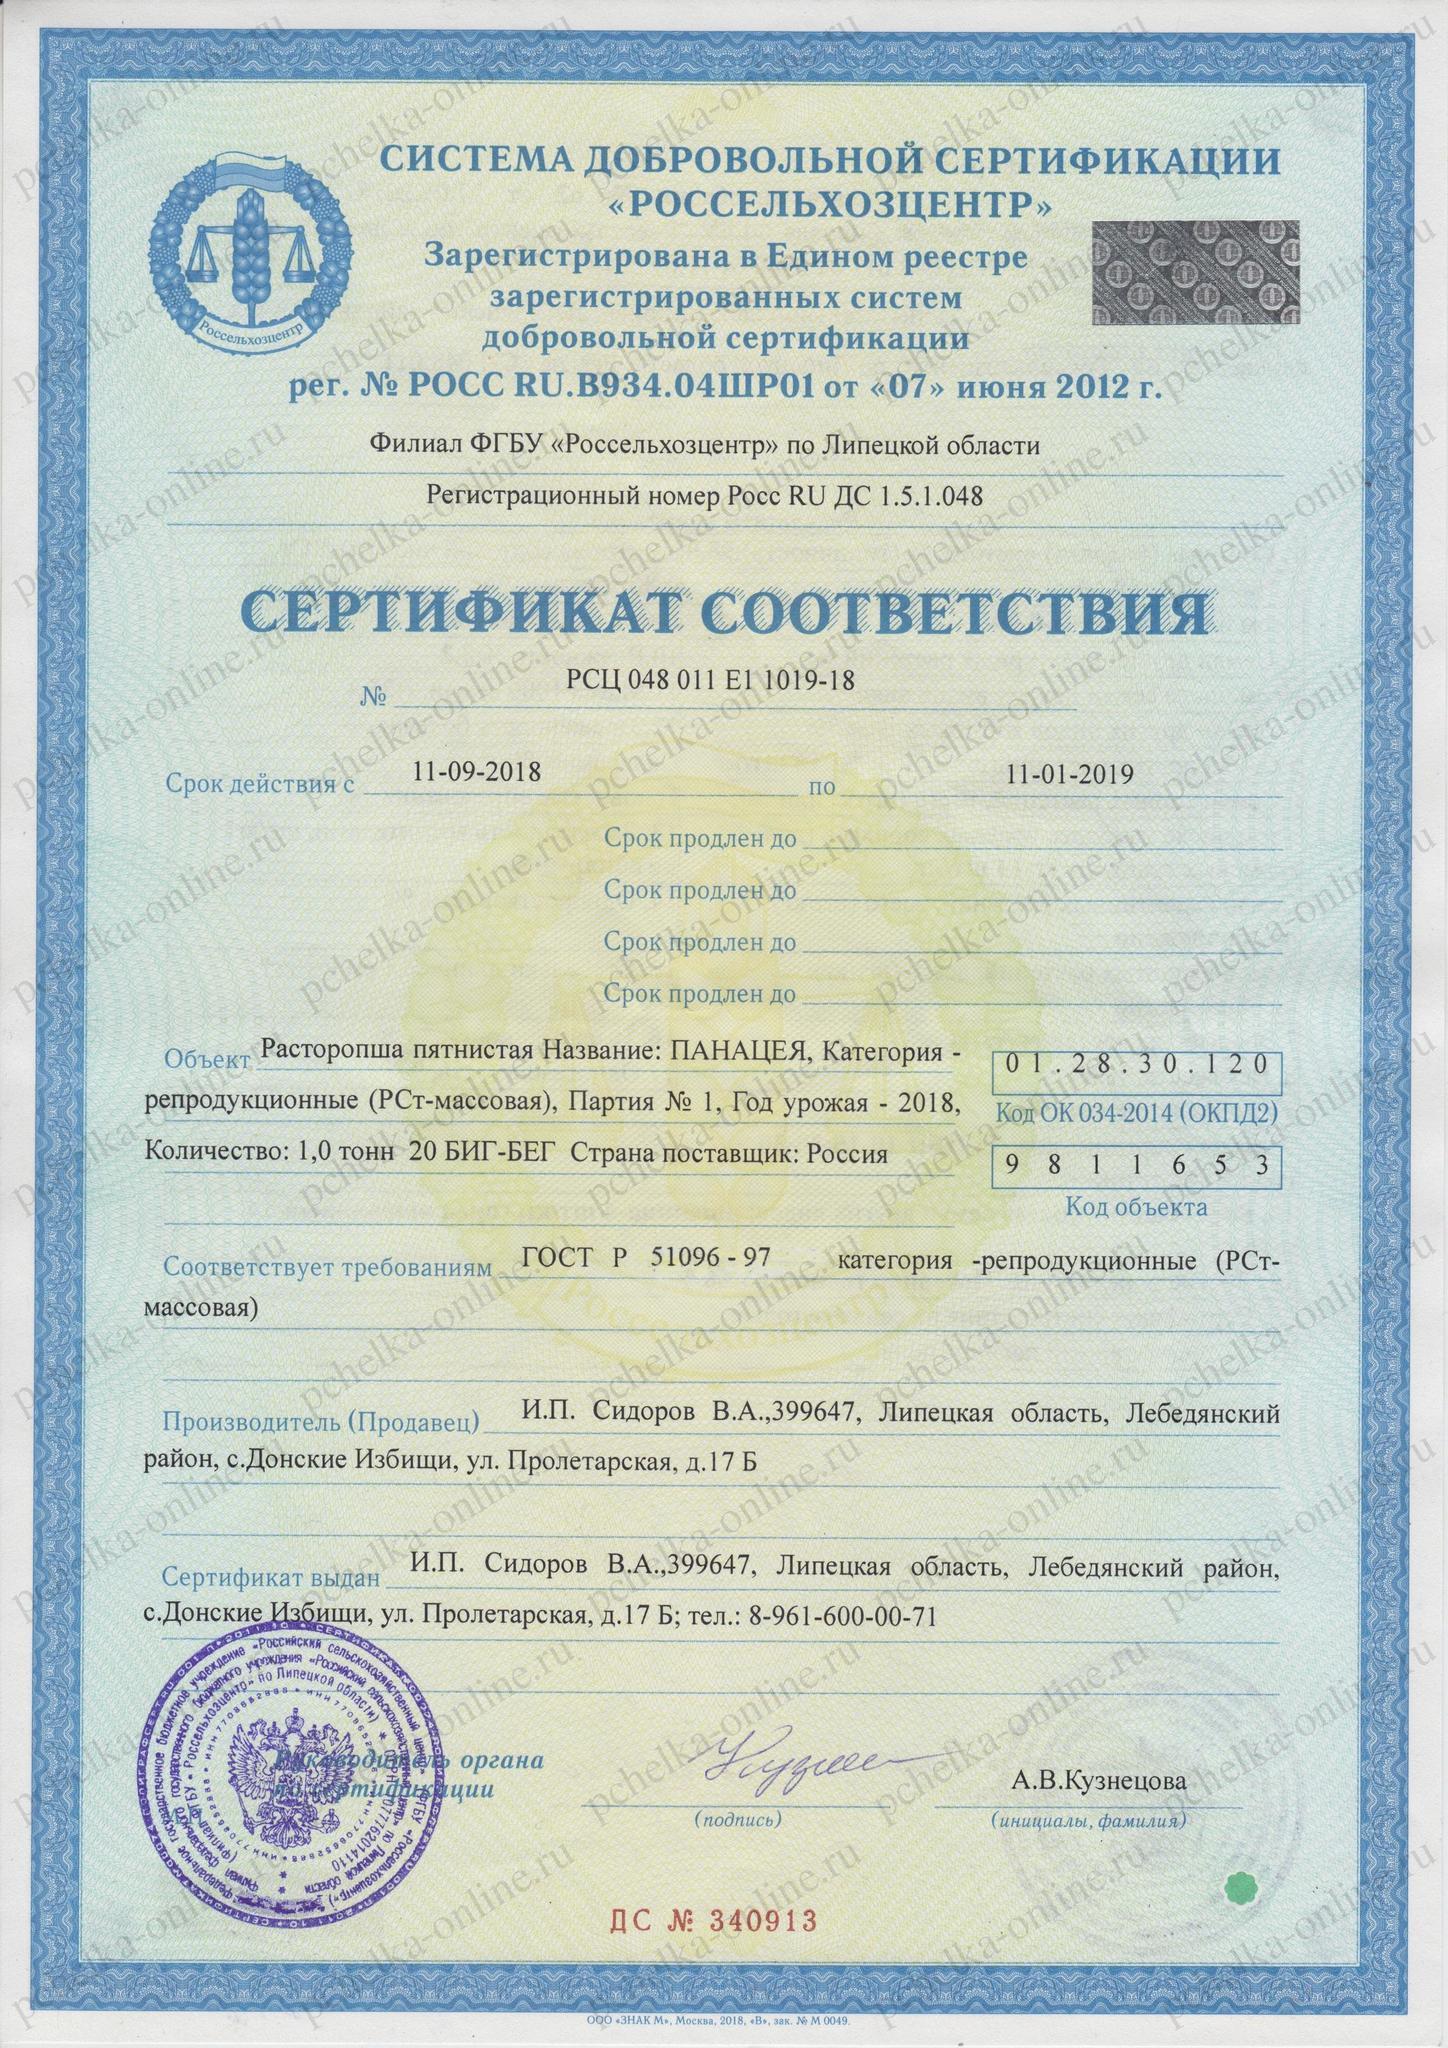 Сертификат соответствия расторопша пятнистая 1